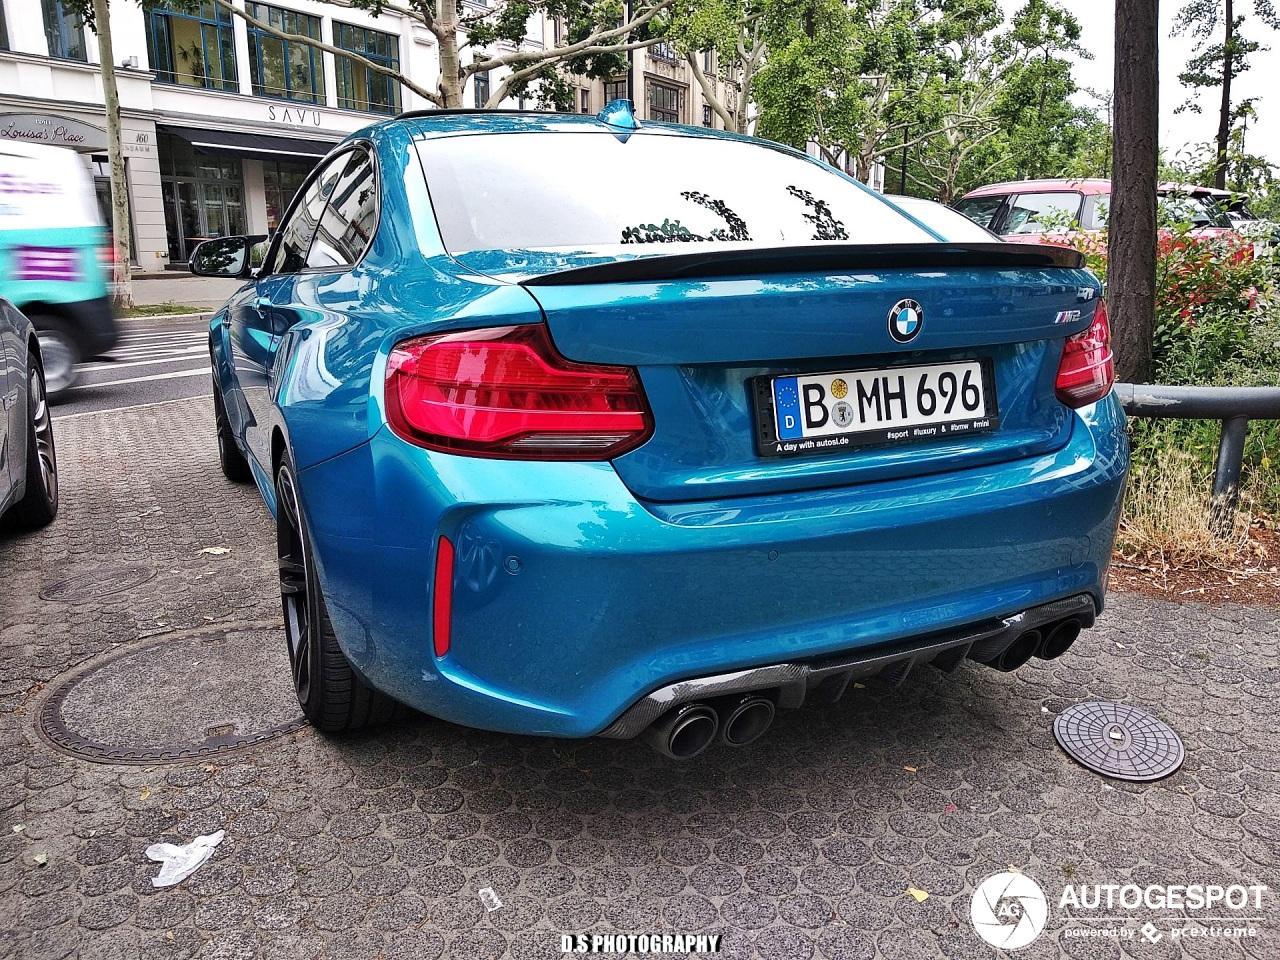 BMW M2 Coupé F87 2018 - 13 August 2019 - Autogespot